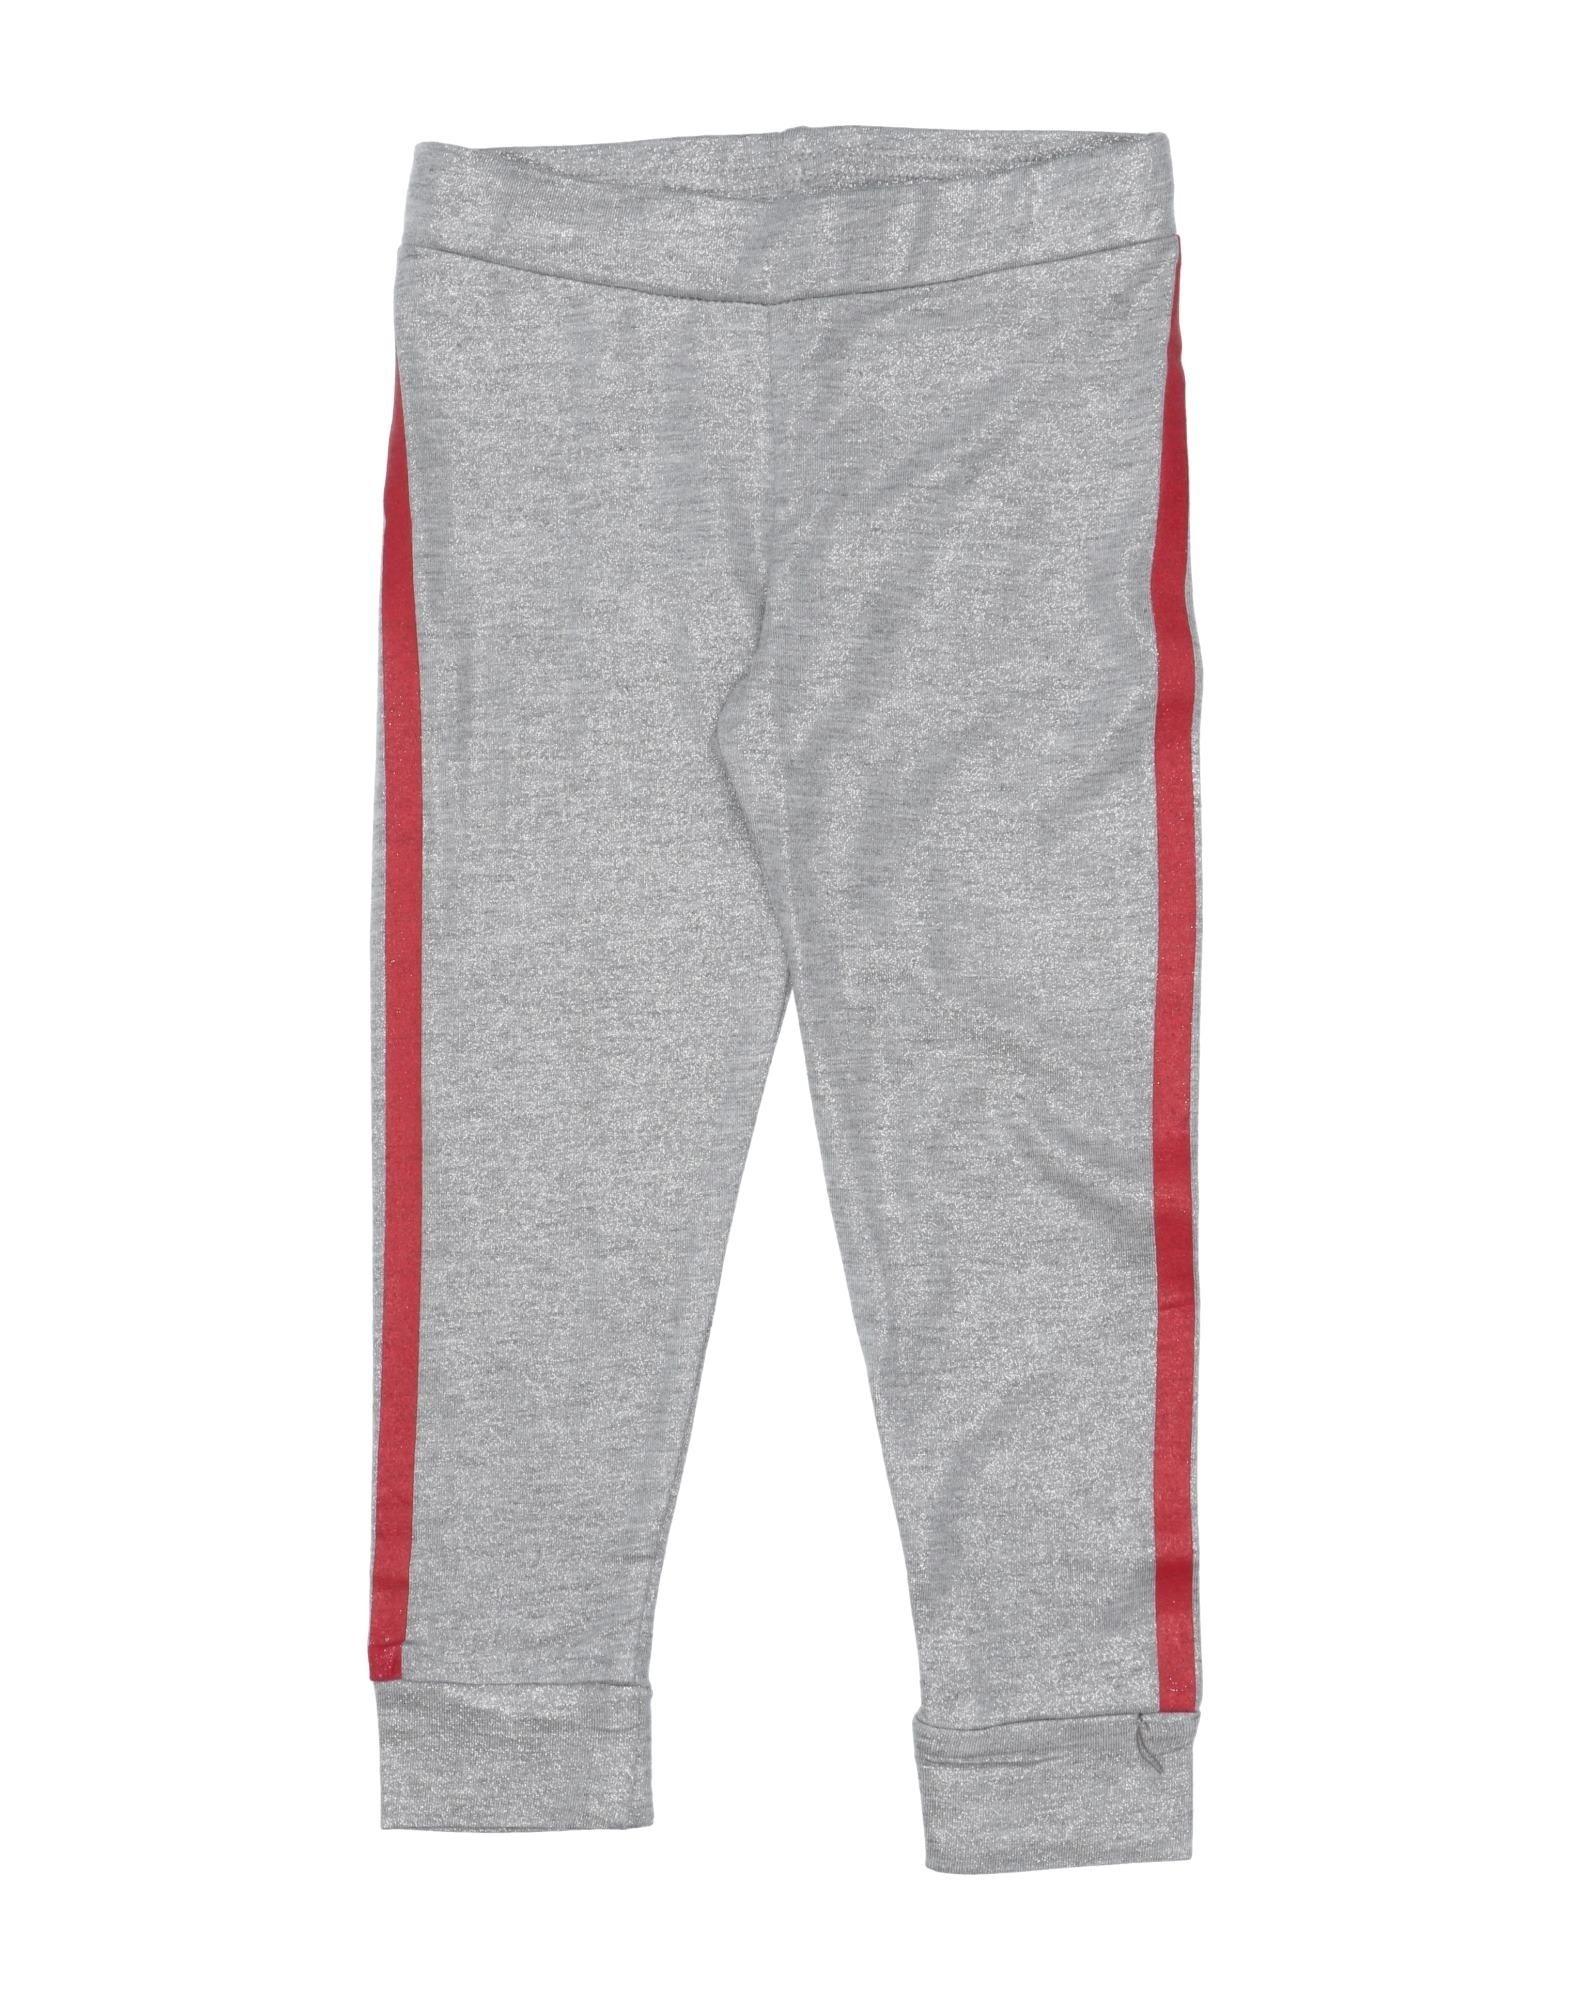 So Twee By Miss Grant Kids' Leggings In Grey